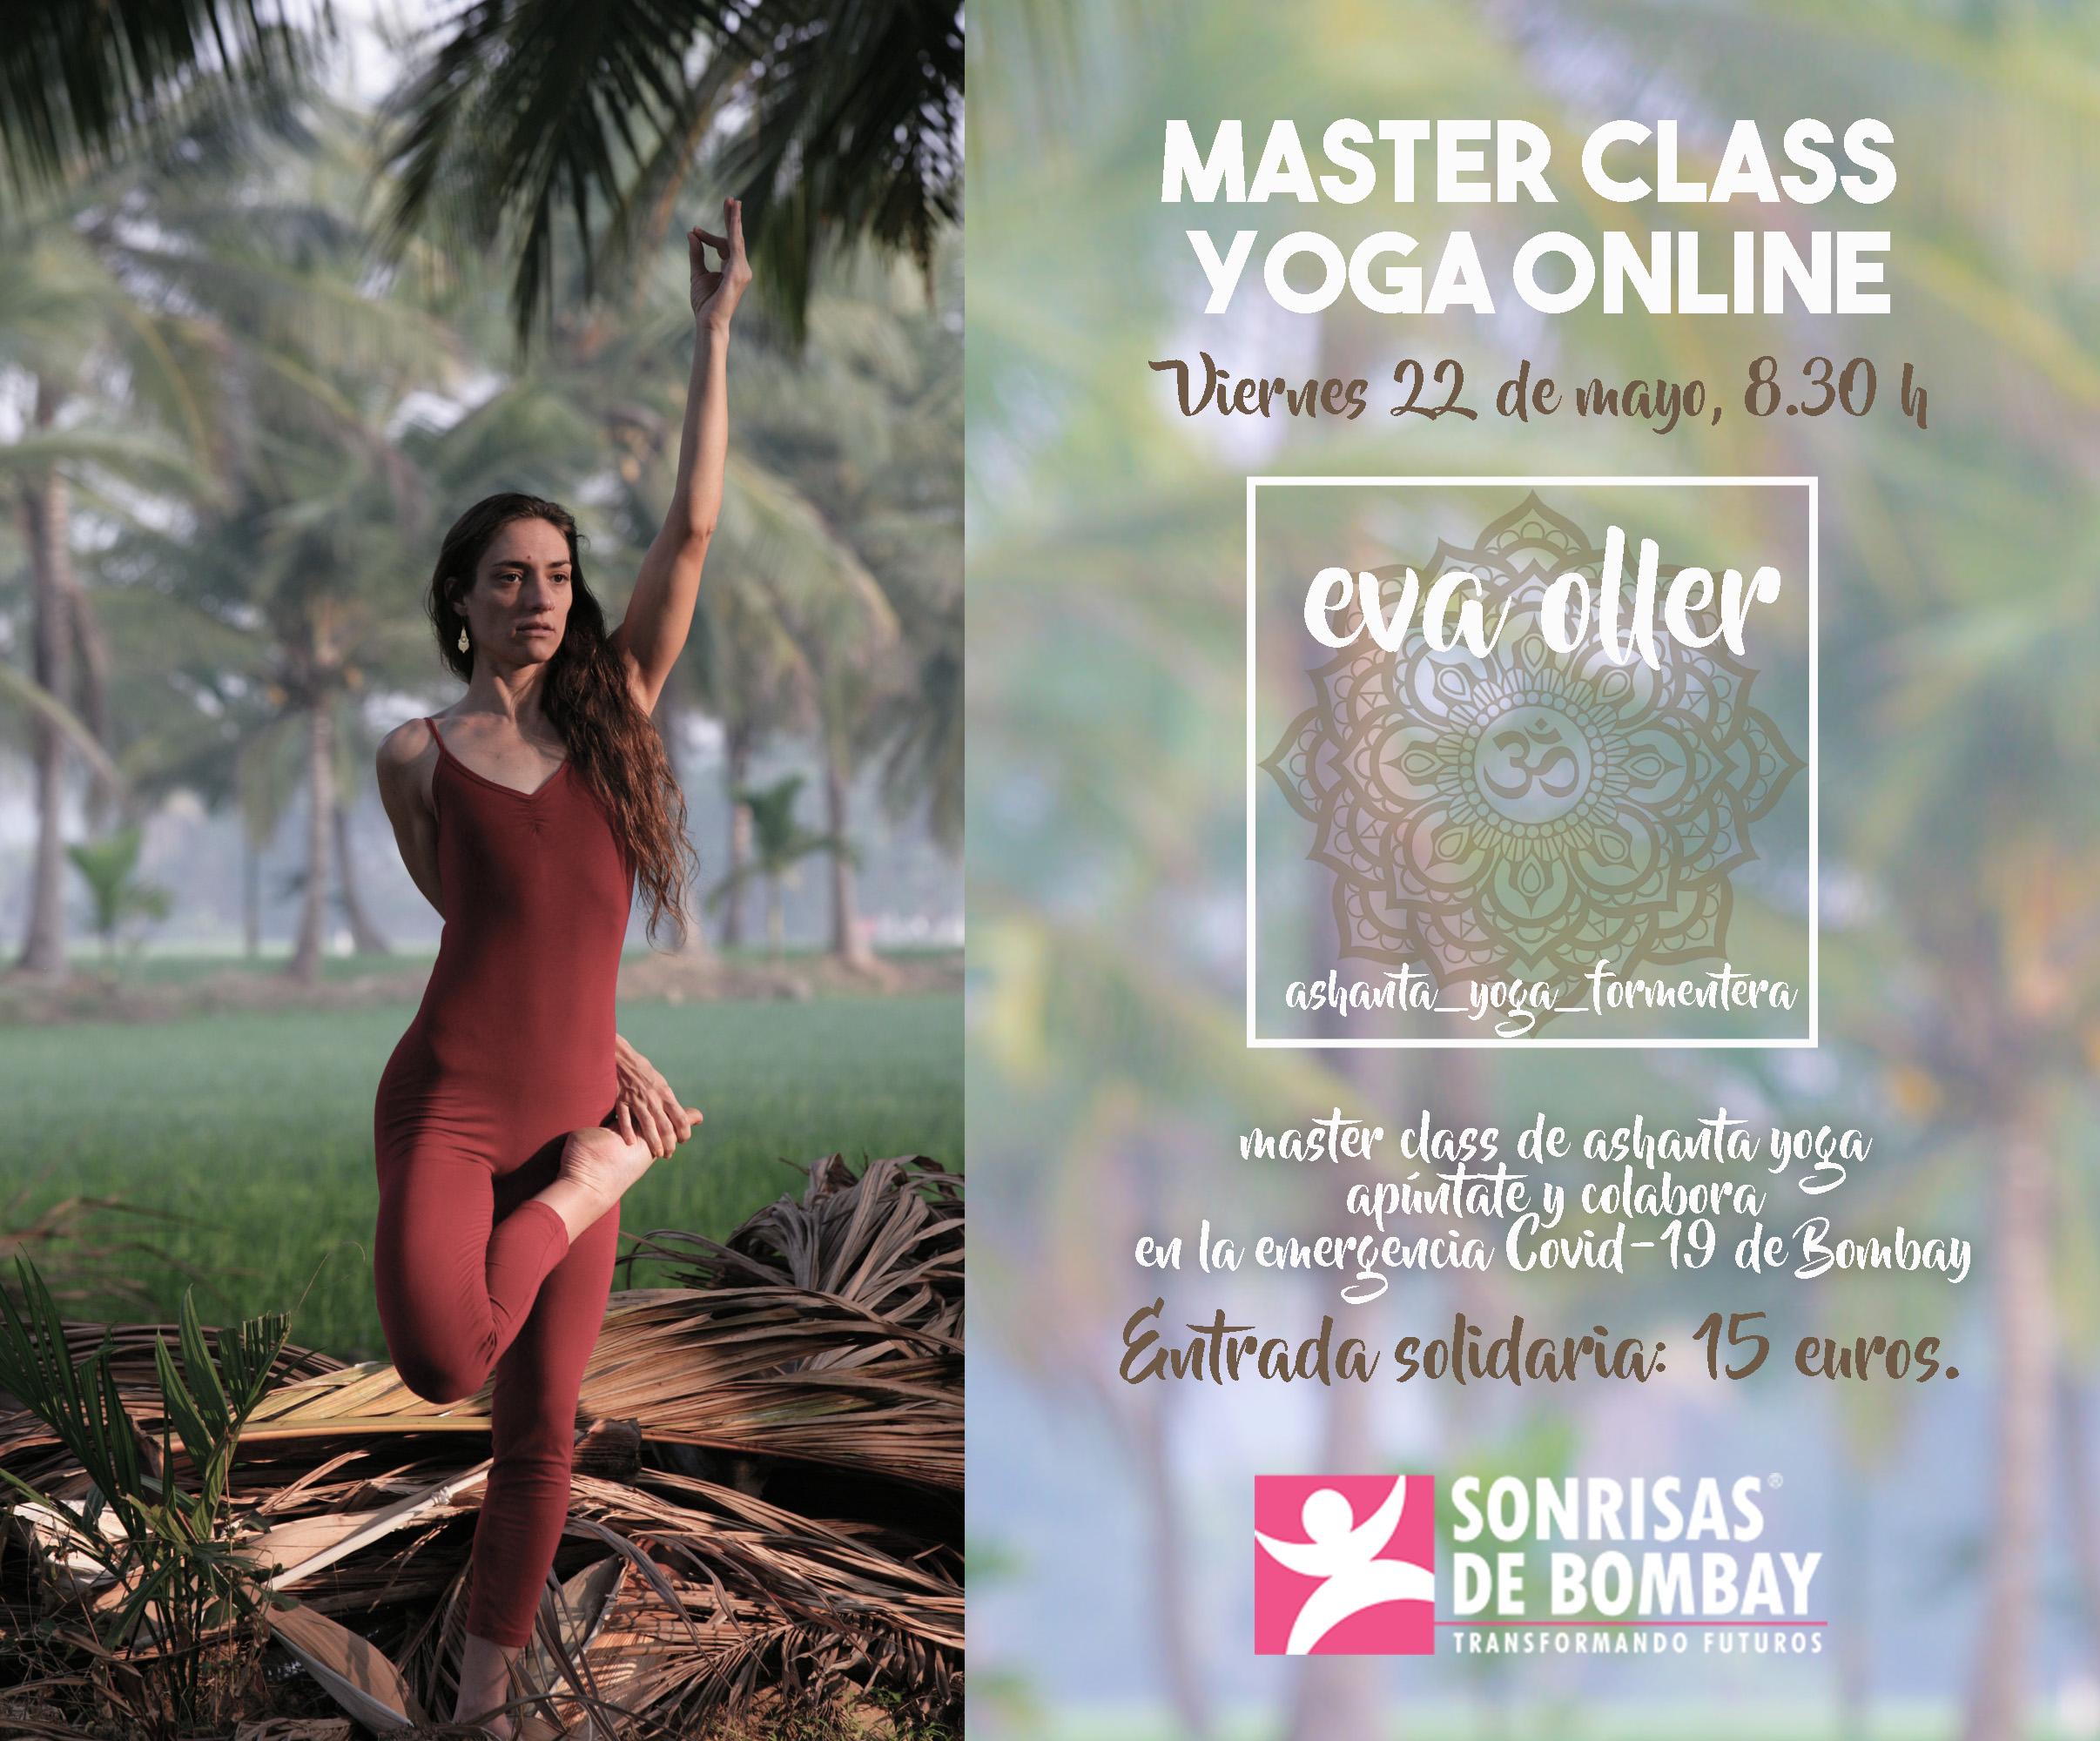 Masterclass Eva Oller